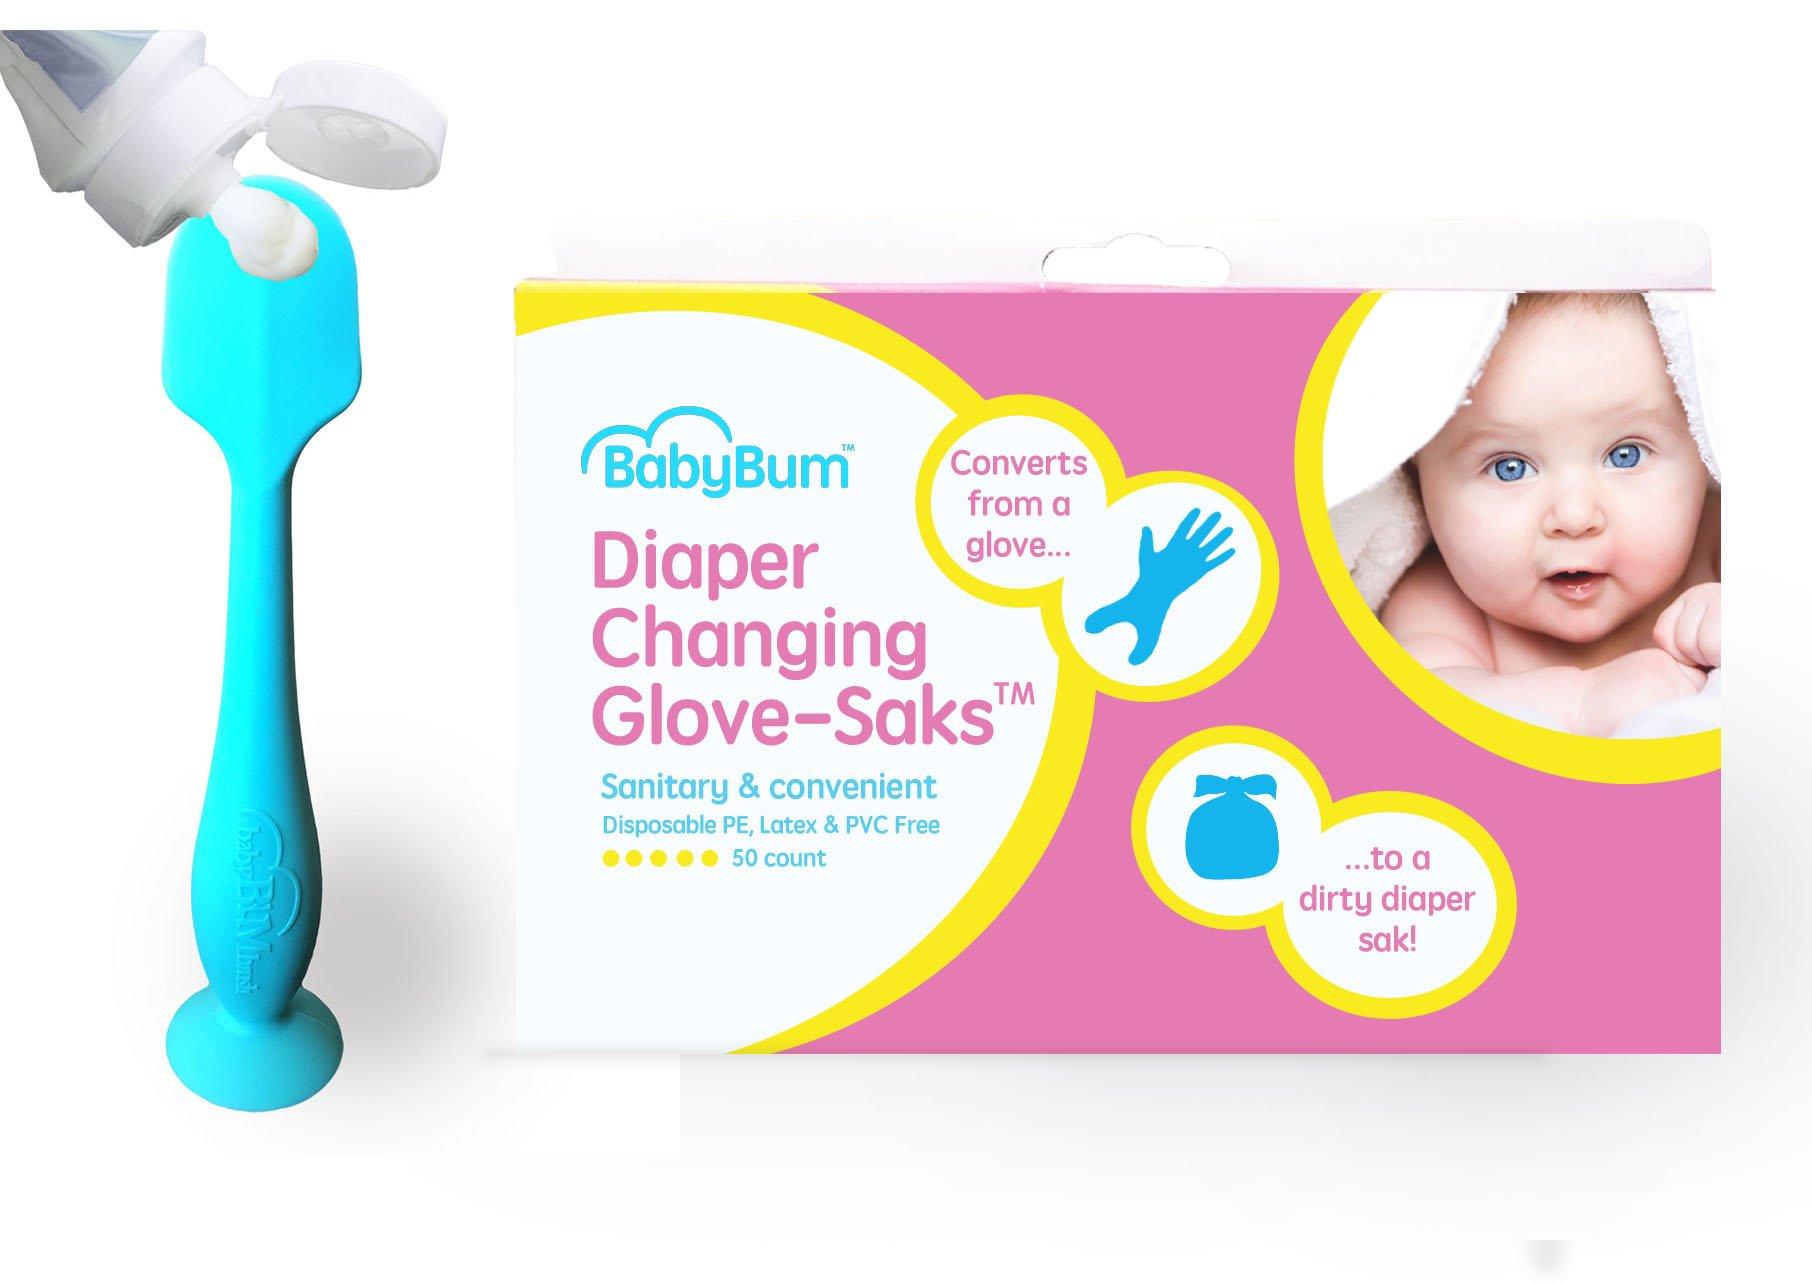 Blue BabyBum Brush & Diaper Changing Glove-Saks